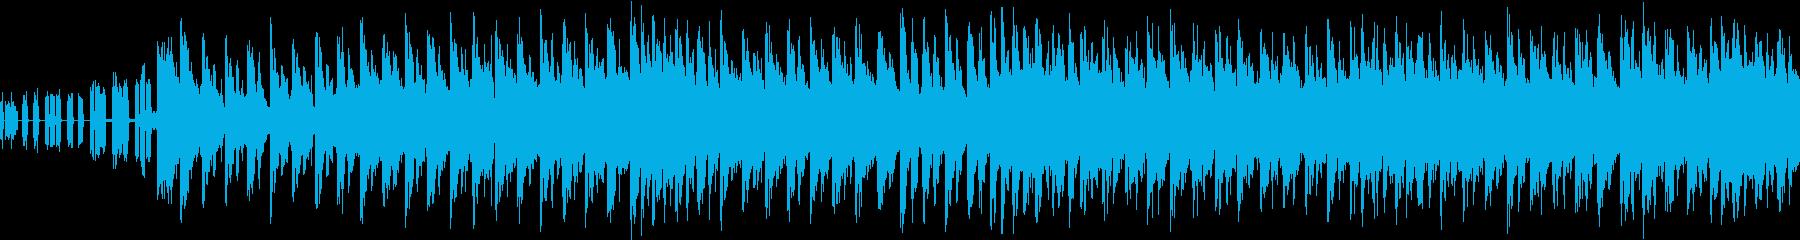 ポップなシンセサイザーのバトル曲 RPGの再生済みの波形